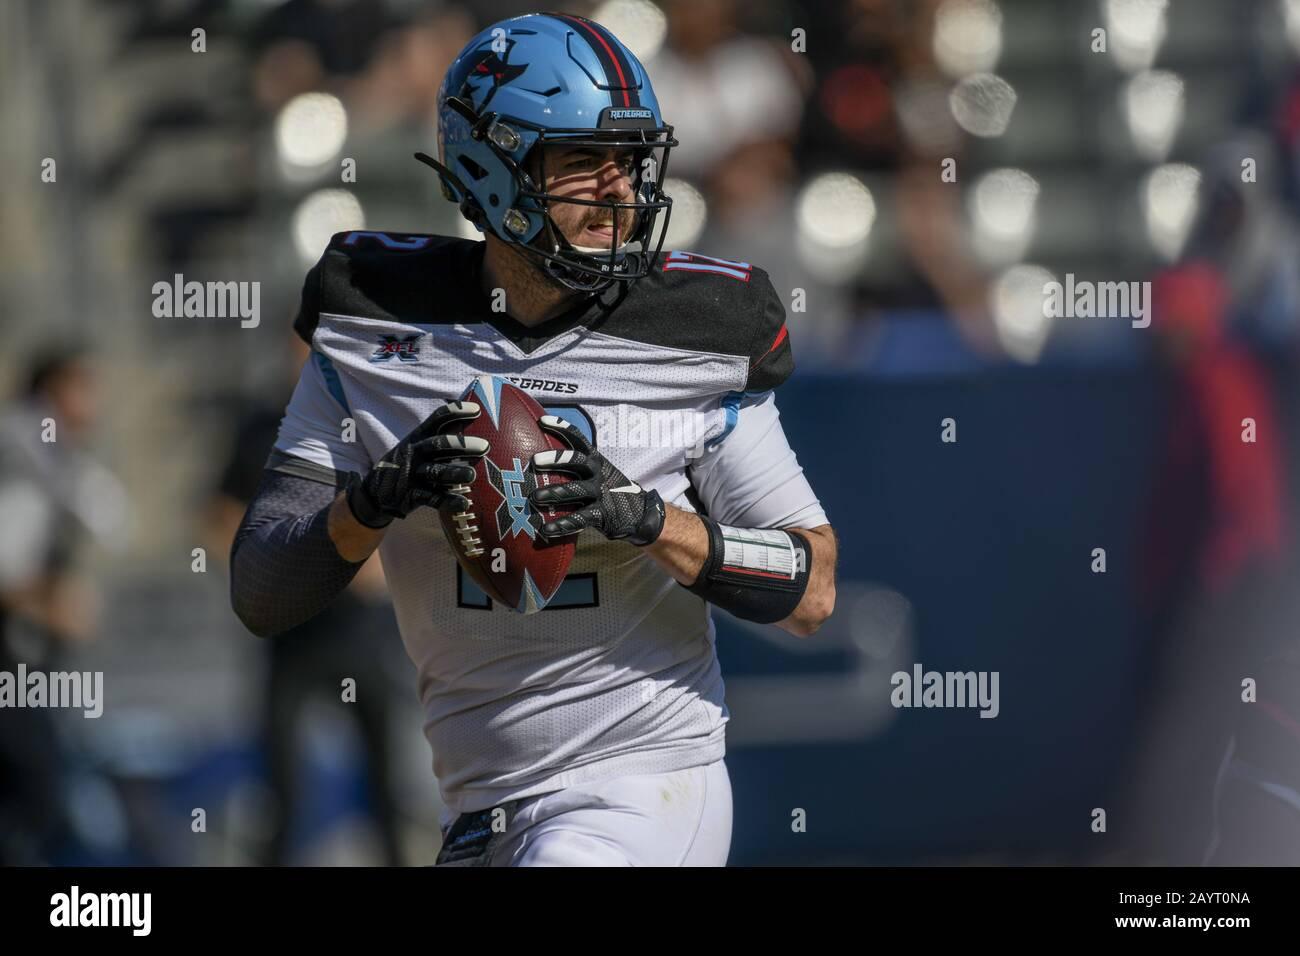 Carson, California, EE.UU. 16 de febrero de 2020. 12 Landry Jones retrocede durante el XFL Dallas Renegades vs. Los Angeles Wildcats juego el 16 de febrero de 2020. Crédito: Dalton Hamm/Zuma Wire/Alamy Live News Foto de stock